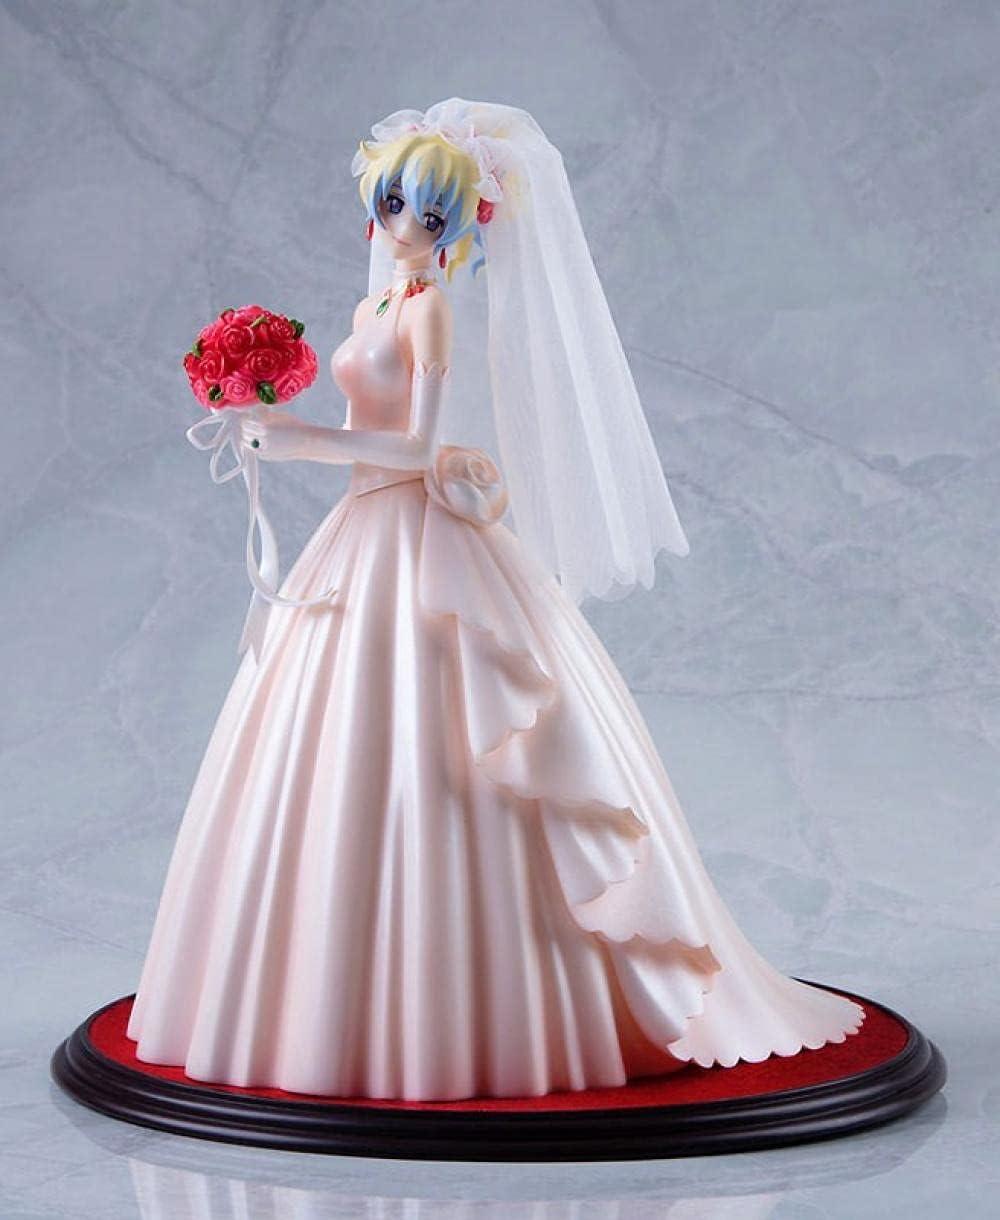 azazmjo Anime Figure PVC T Model Excellent Action Collection OFFicial shop